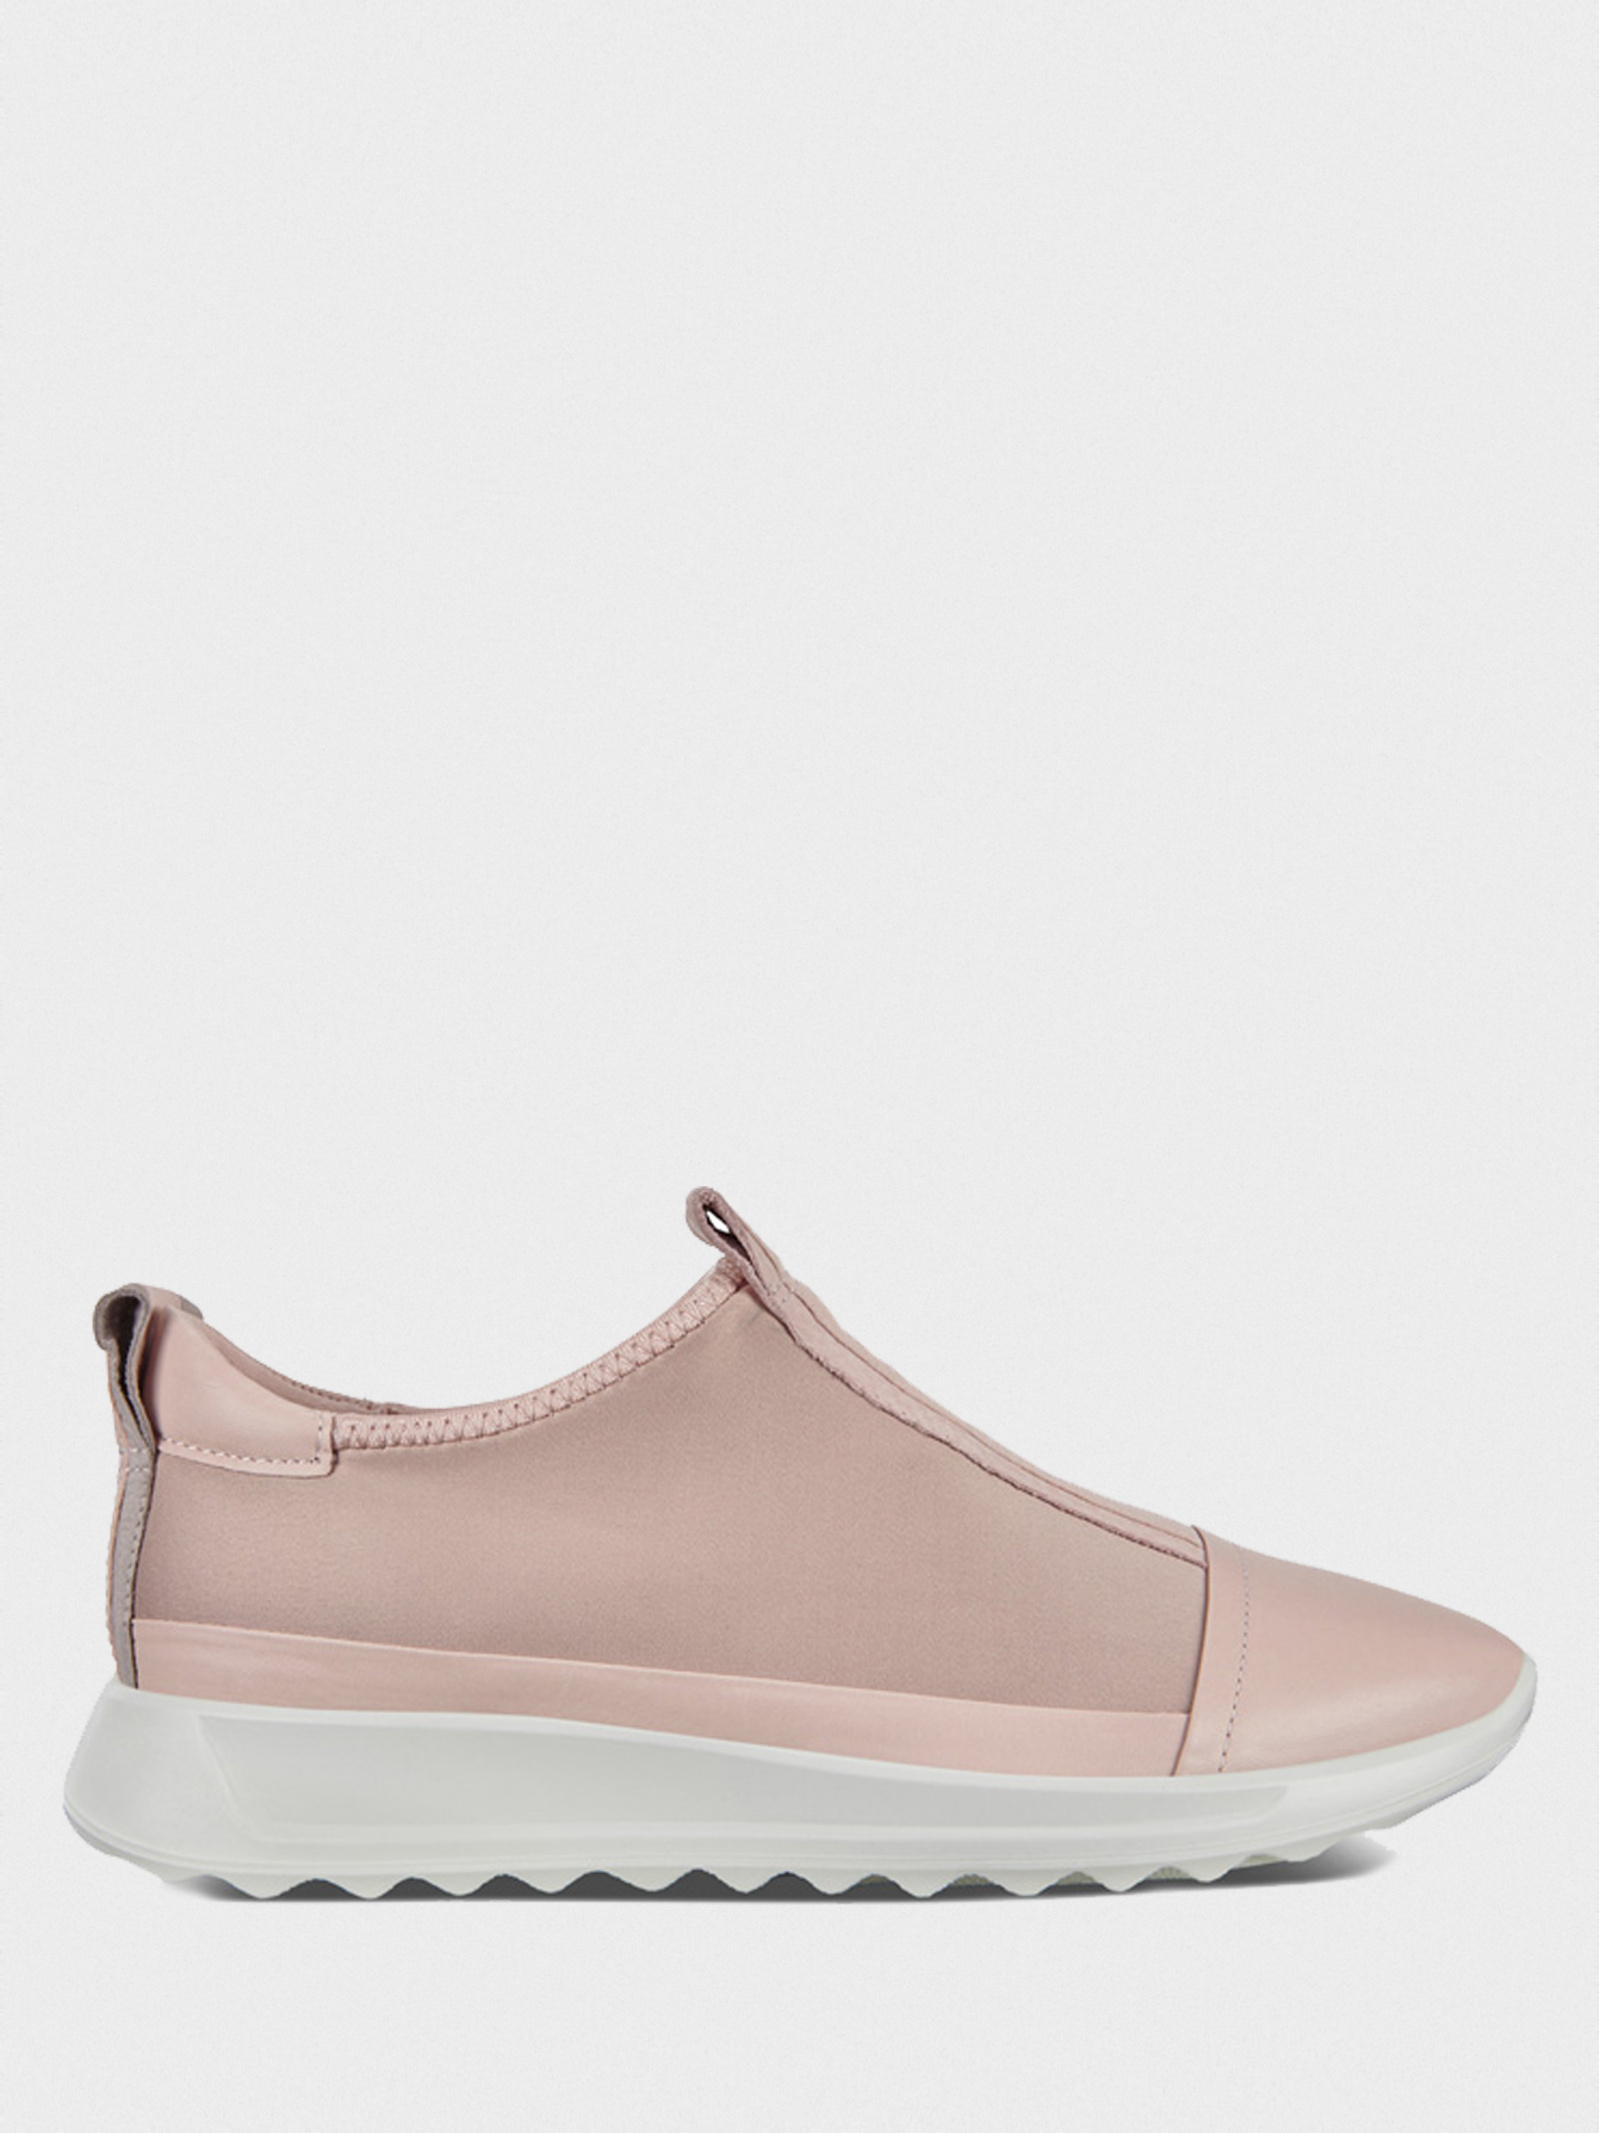 Кроссовки для женщин ECCO FLEXURE RUNNER W 292313(51825) фото, купить, 2017